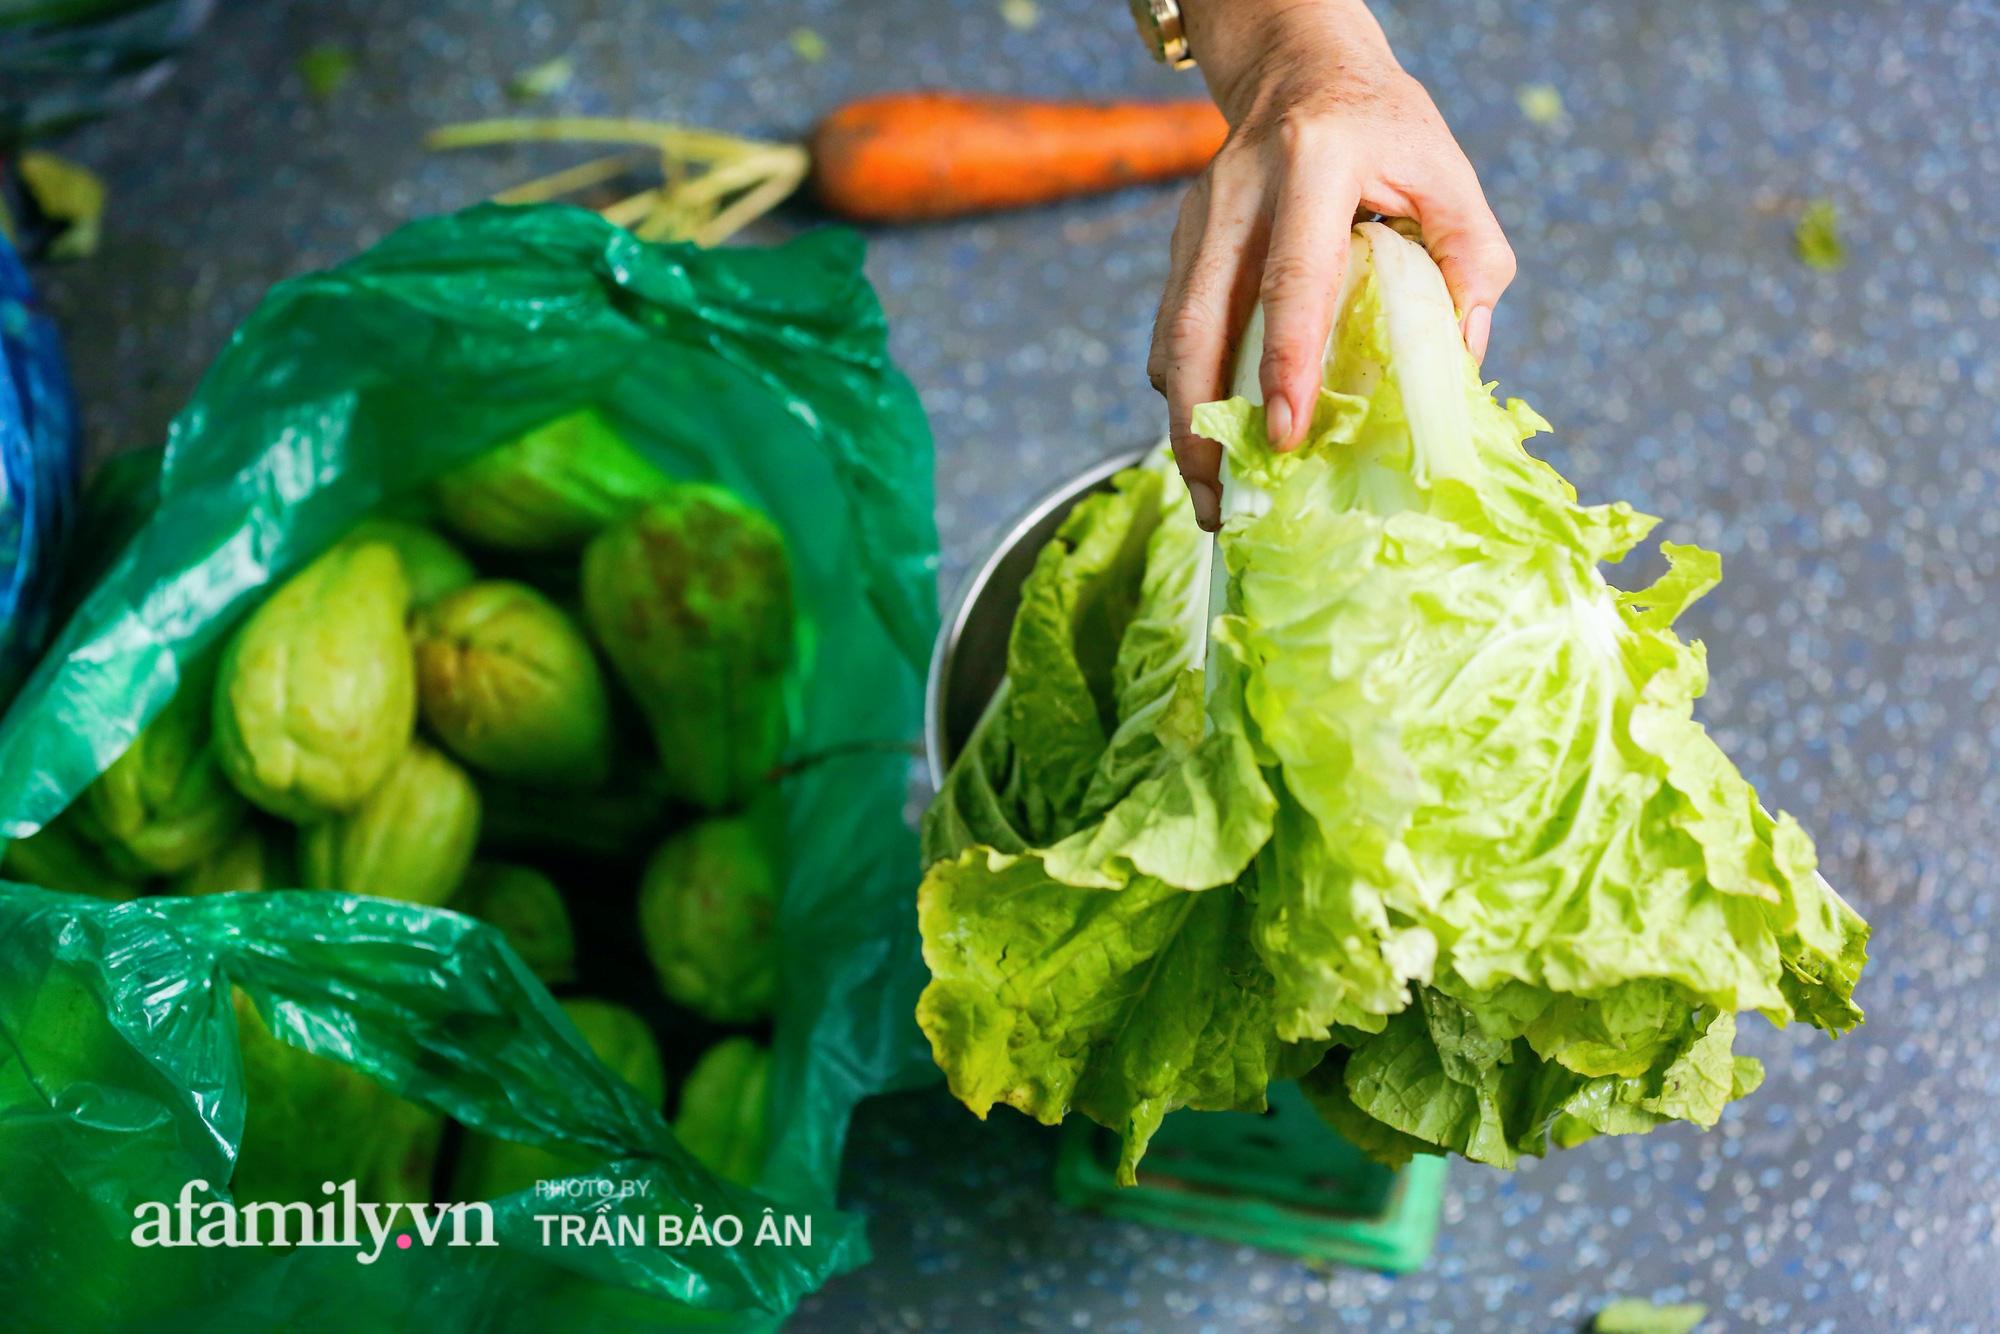 Người Sài Gòn lên xe buýt để... mua rau củ, thịt cá giá bình ổn, đảm bảo an toàn đủ các bước nhưng quan trọng chất lượng liệu ra sao? - Ảnh 11.